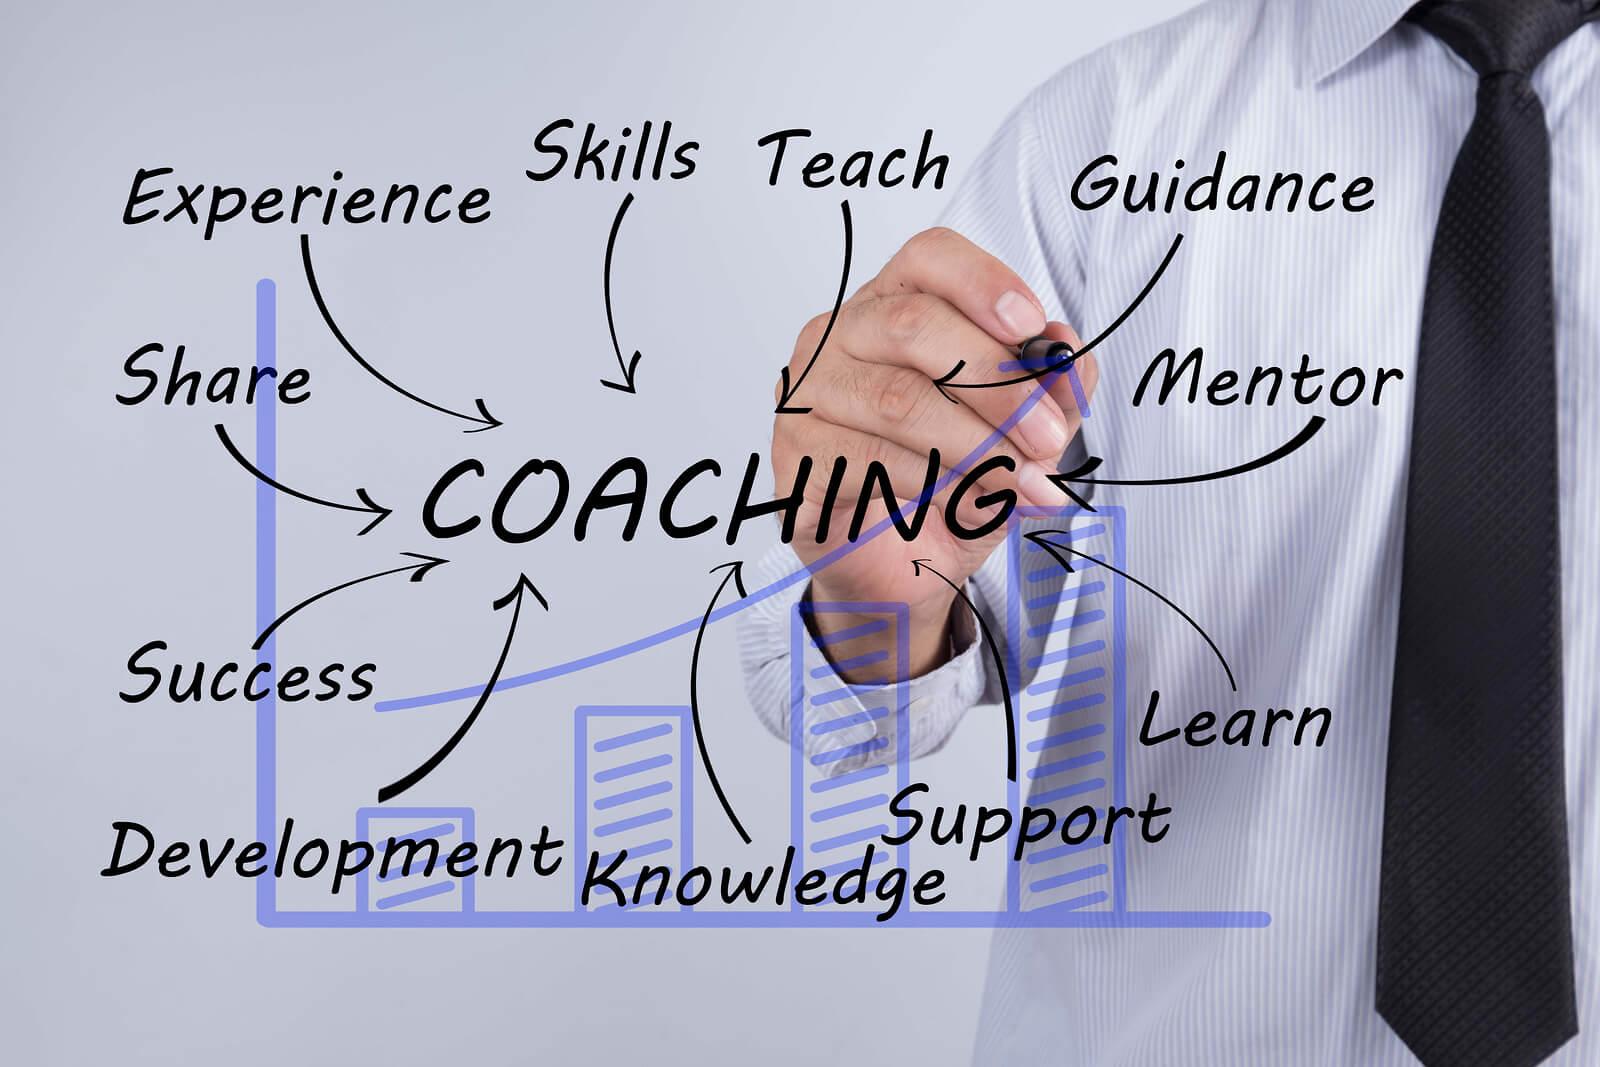 7 consejos para hacer coaching a alguien más experimentado que Ud.